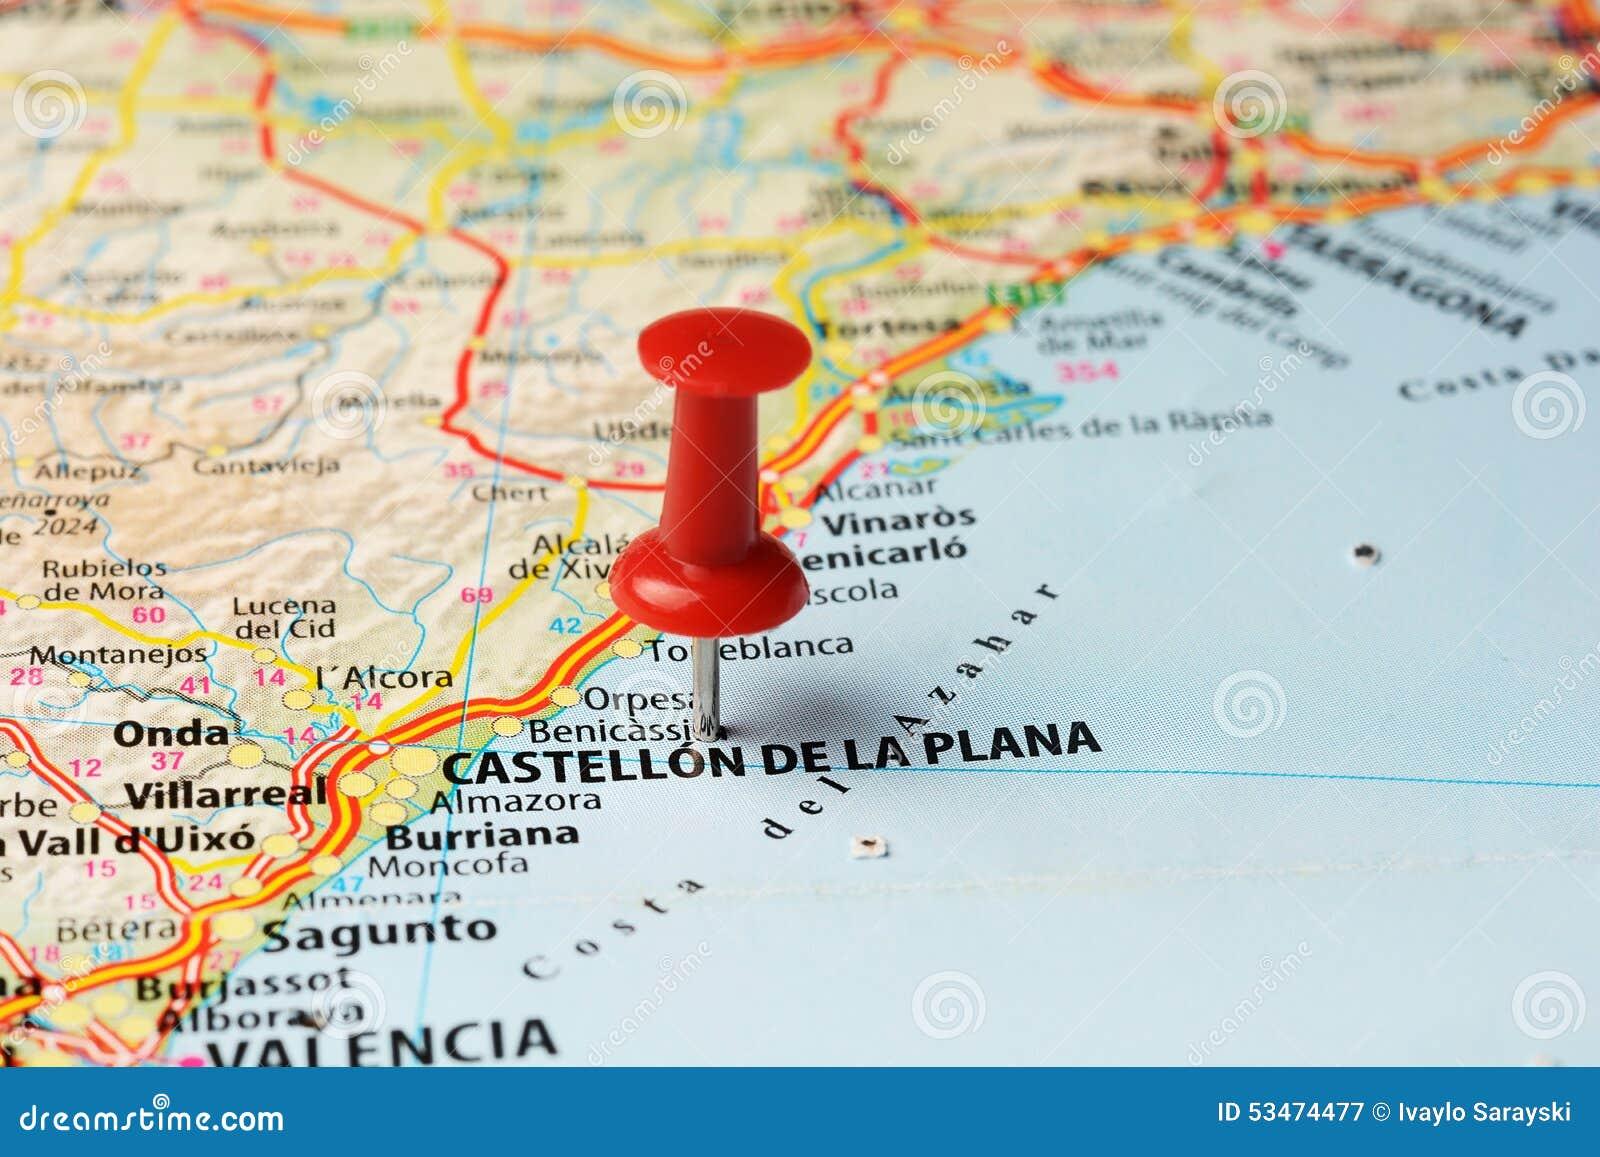 Cartina Spagna Villarreal.Mappa Di Valencia Spagna Foto Foto Stock Gratis E Royalty Free Da Dreamstime